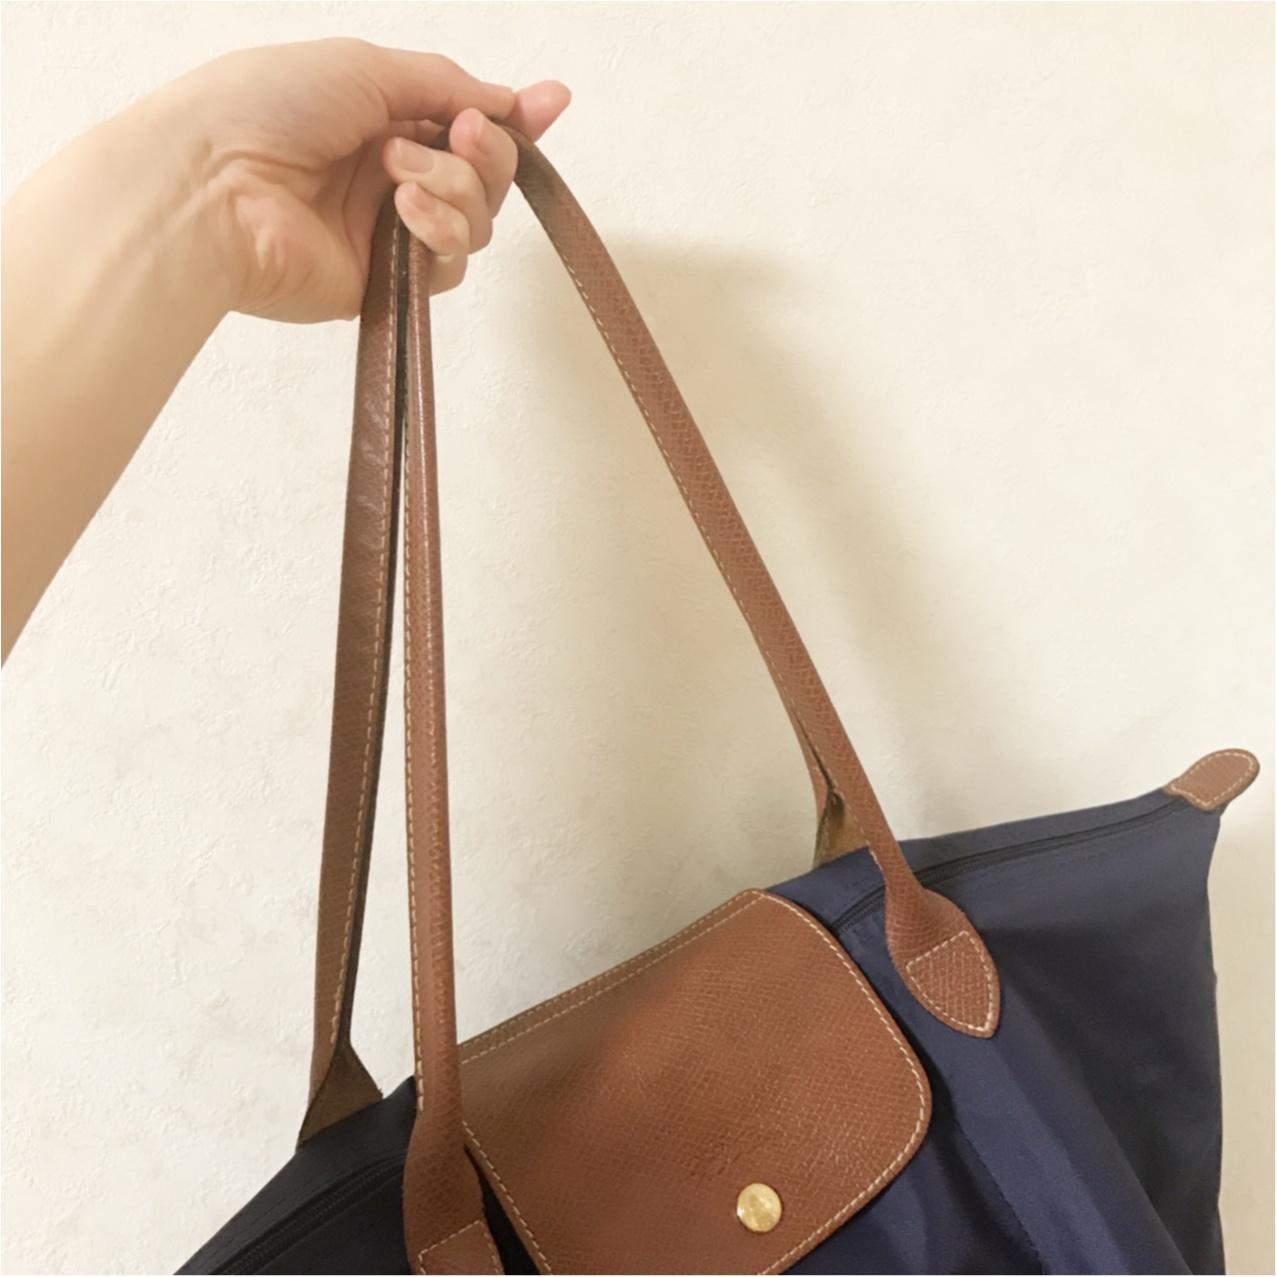 【○○で選ぶならコレ❤︎】私のお仕事バッグは《LONGCHAMP ル・プリアージュ》♡ _2